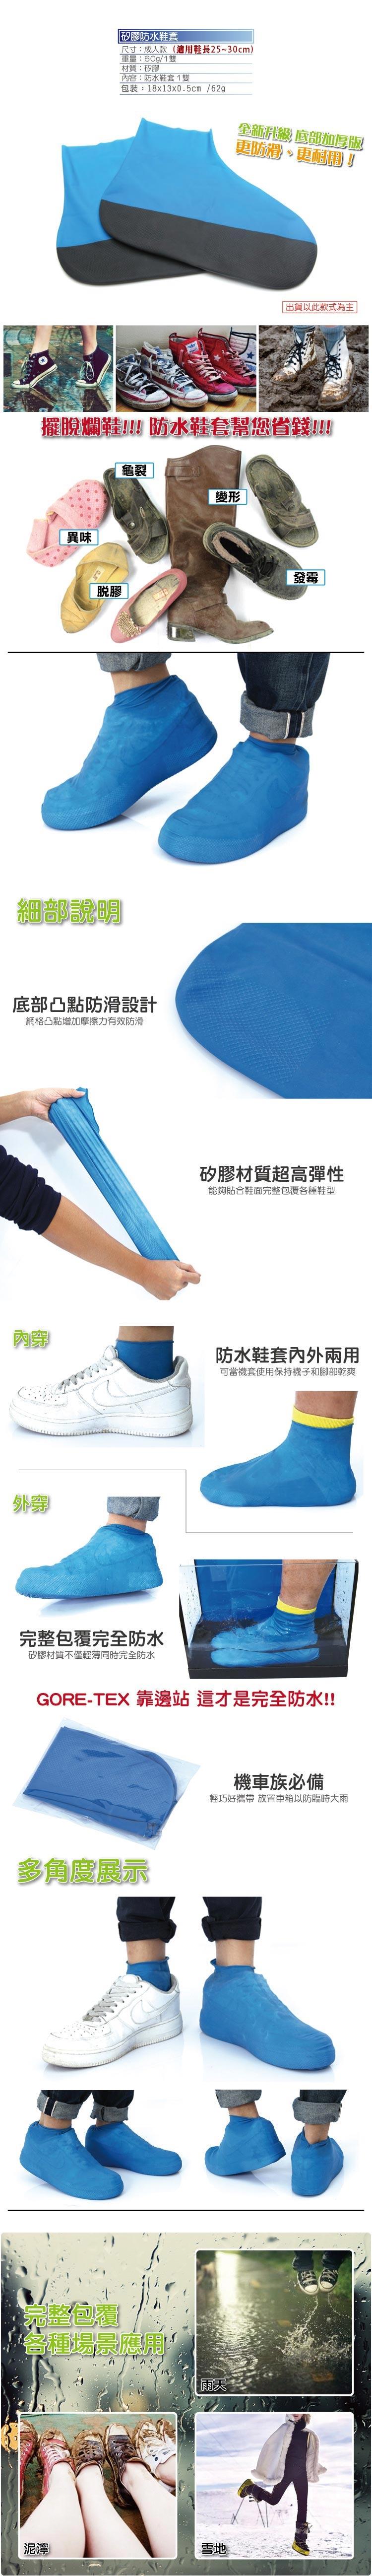 攜帶式矽膠防水鞋套.雨天必備輕便內外穿兩用高彈性加厚耐磨止滑防雨鞋套